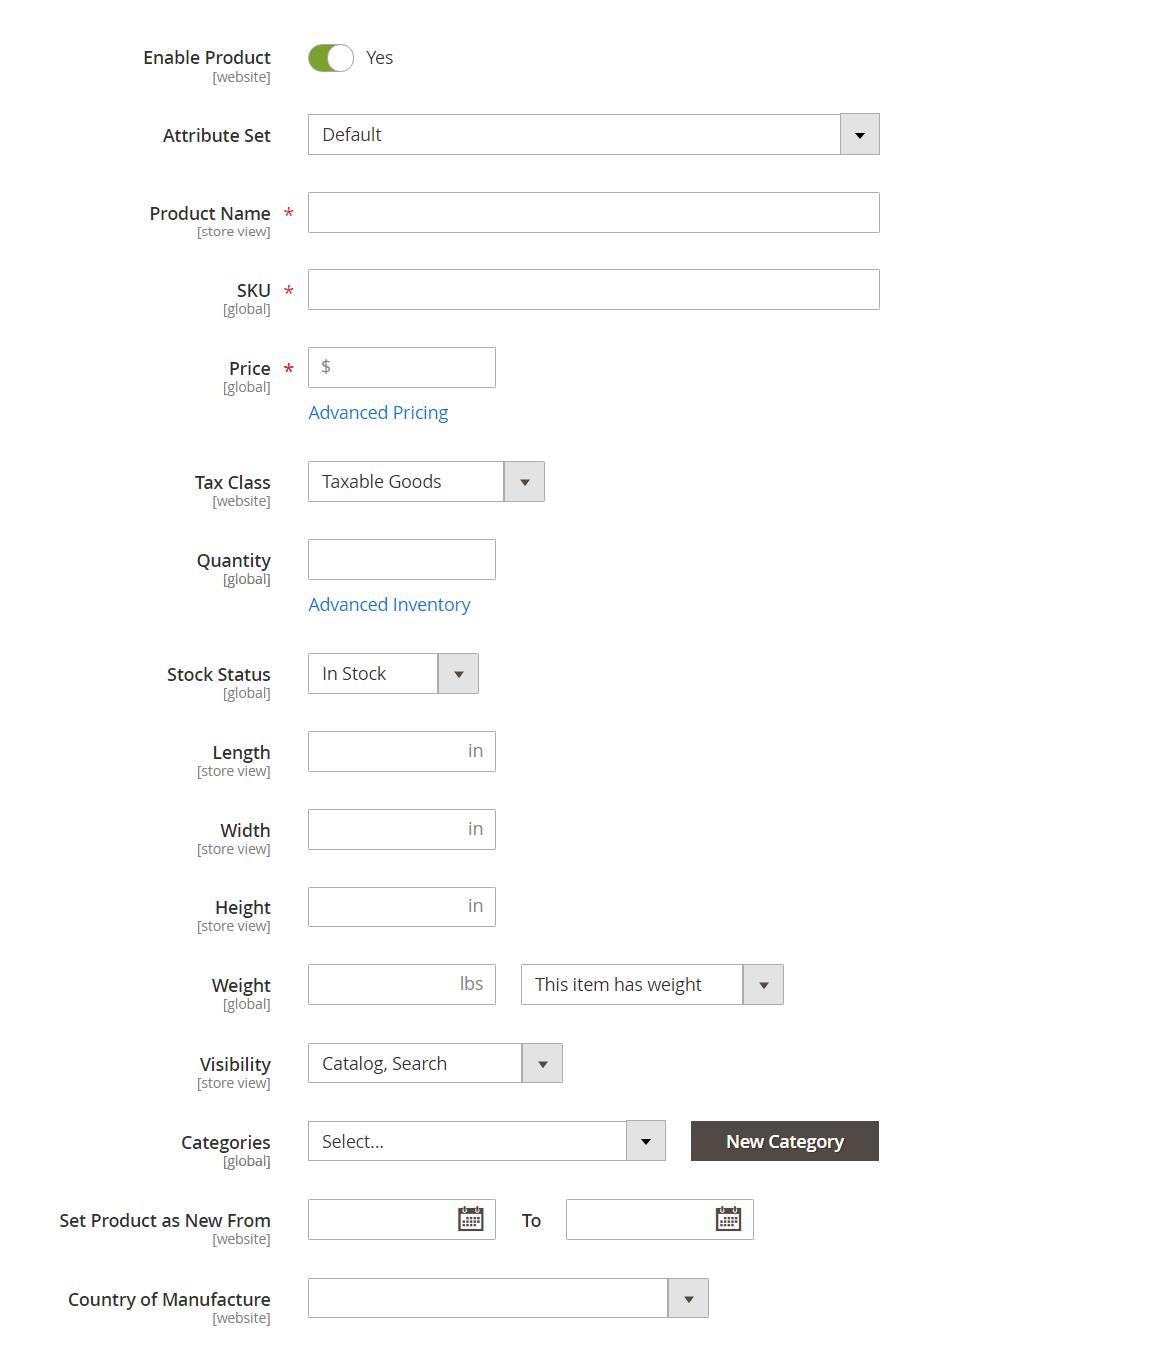 إعدادات المنتج المتقدمة (Advanced Product Settings) فى ماجنتو 2